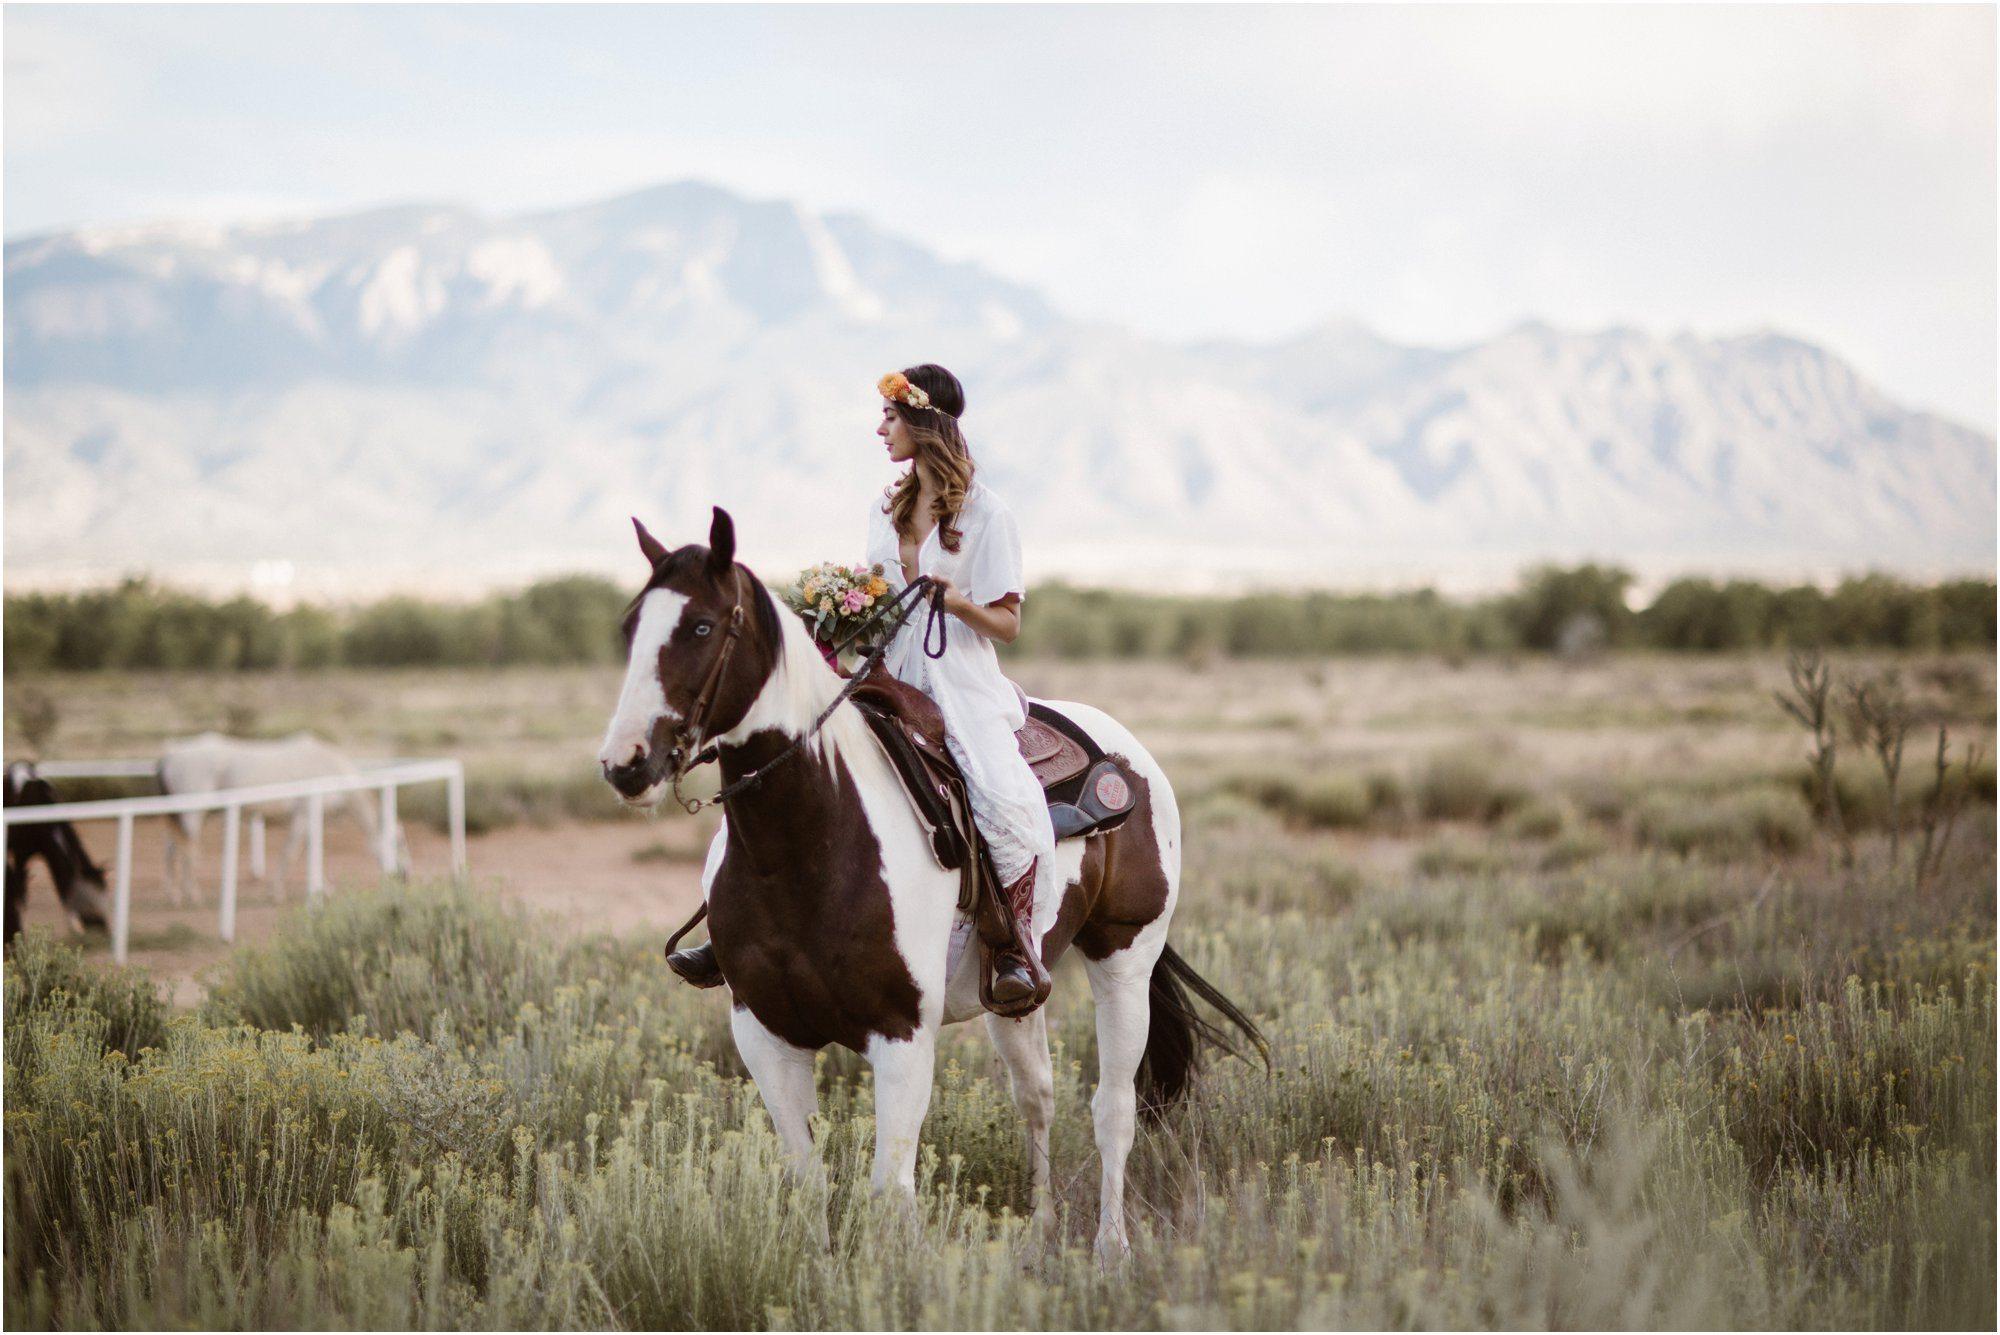 019Blue Rose Photography_ Albuquerque Portrait Photographer_ Fine Art Portraits_ Santa Fe Photographer